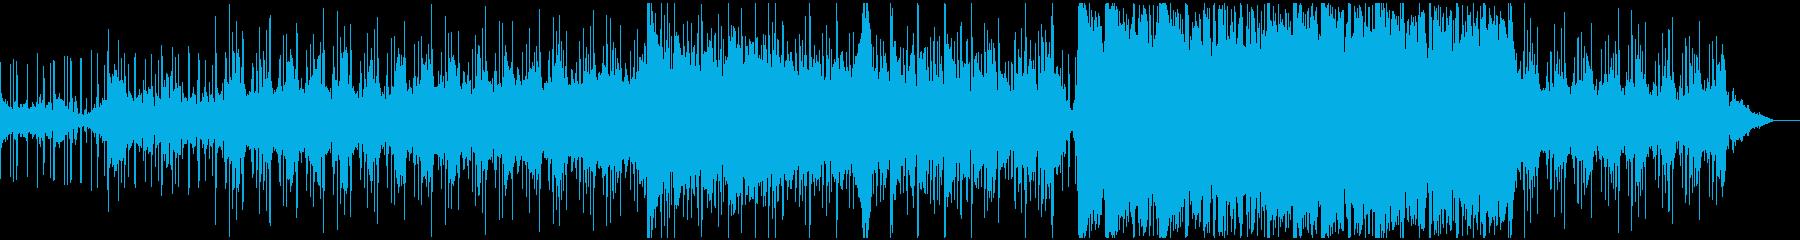 緊迫したシネマティックオーケストラの再生済みの波形